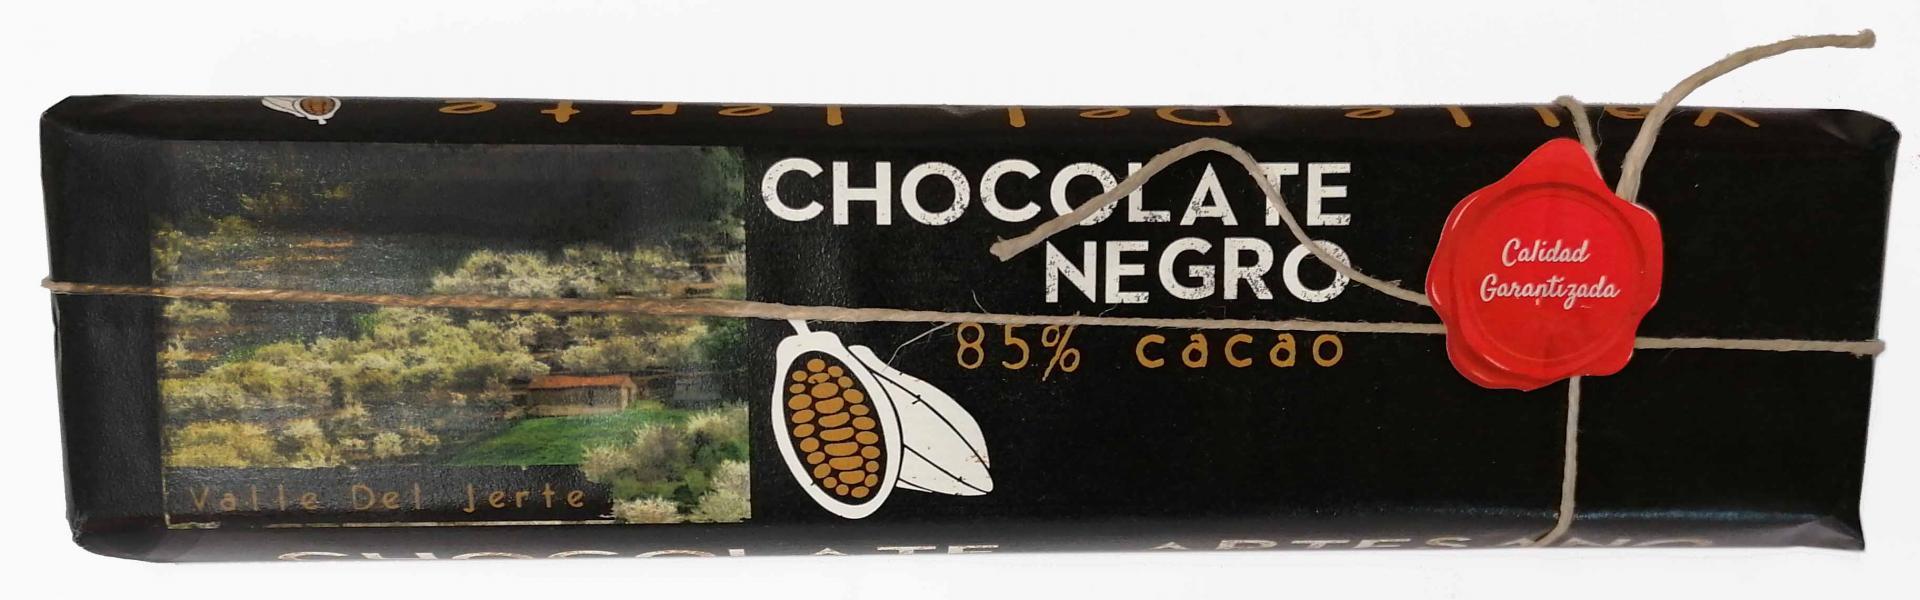 Chocolate negro artesano 85% cacao Valle del Jerte